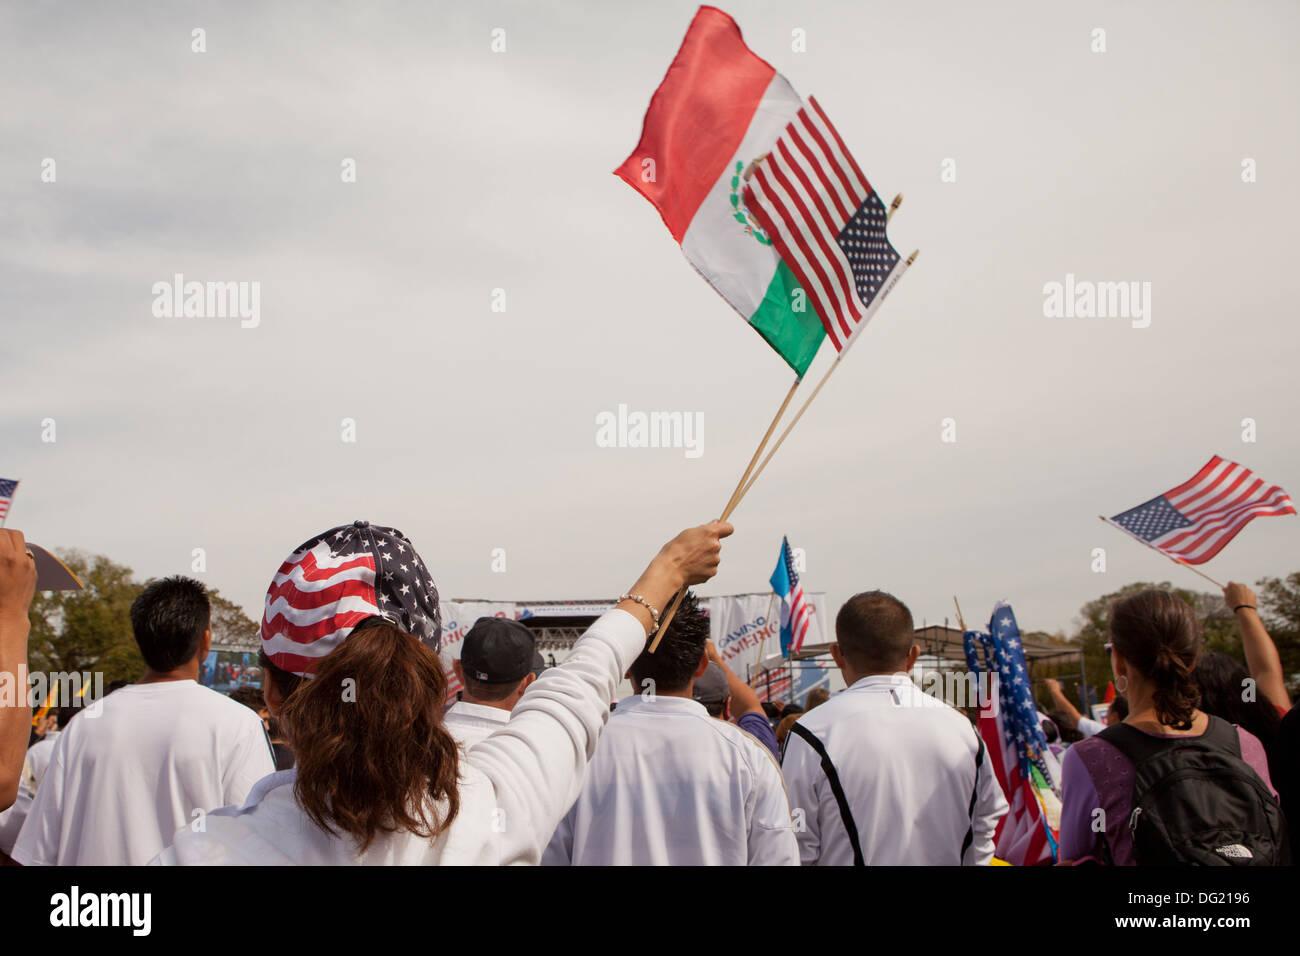 Mujer ondeando banderas estadounidenses y mexicanos en la reforma de inmigración rally - Washington, DC, EE.UU. Foto de stock